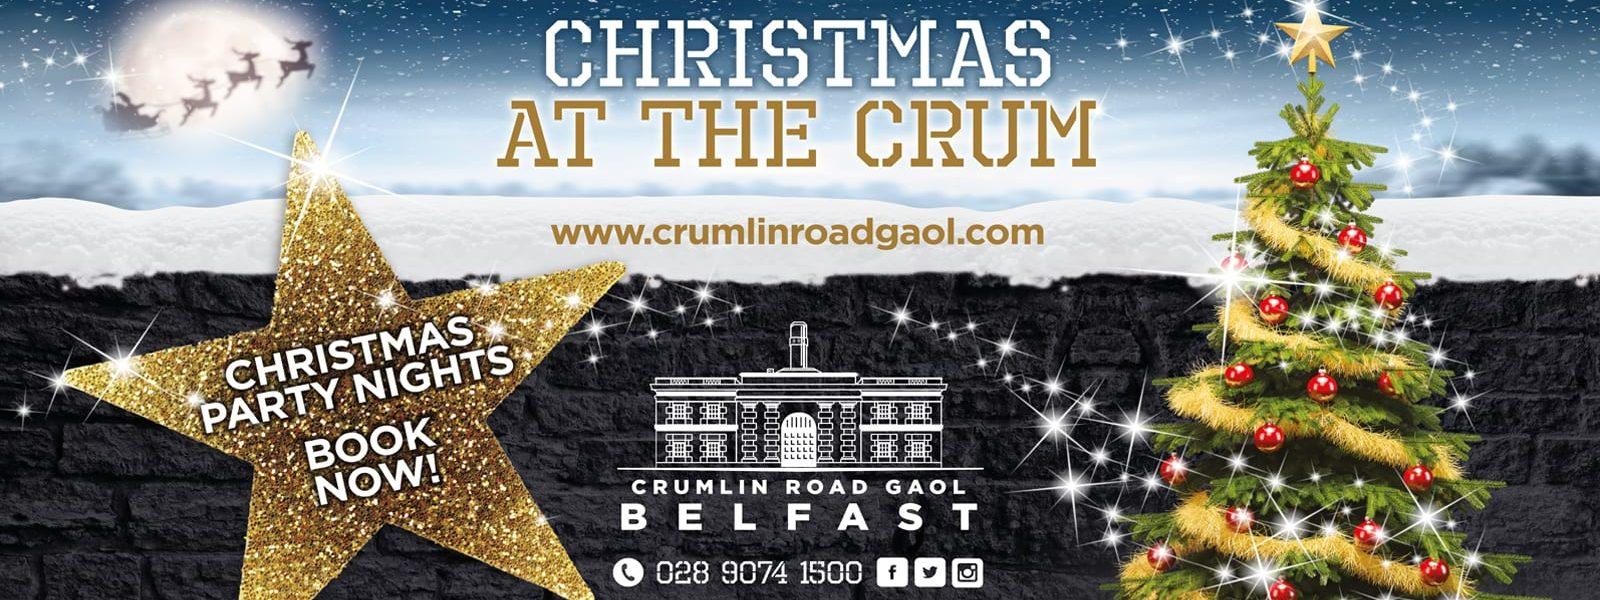 Christmas Party Nights at Crumlin Road Gaol